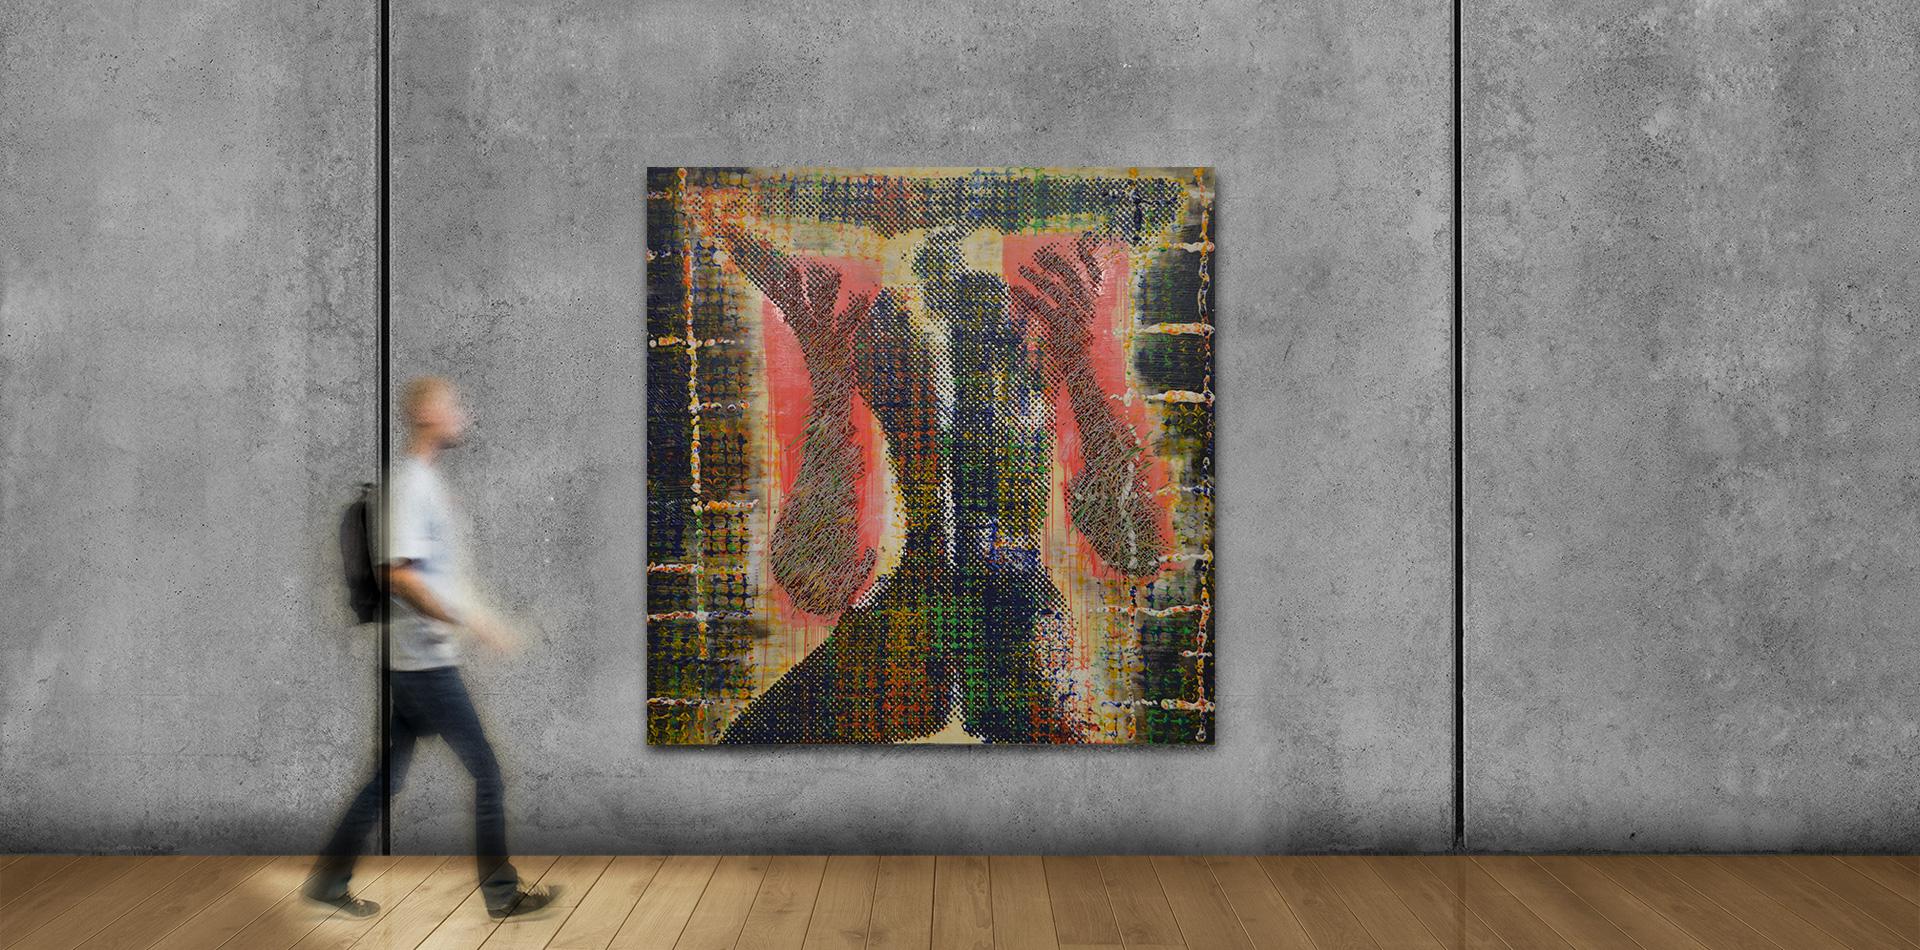 Leidenschaft (200x200cm)